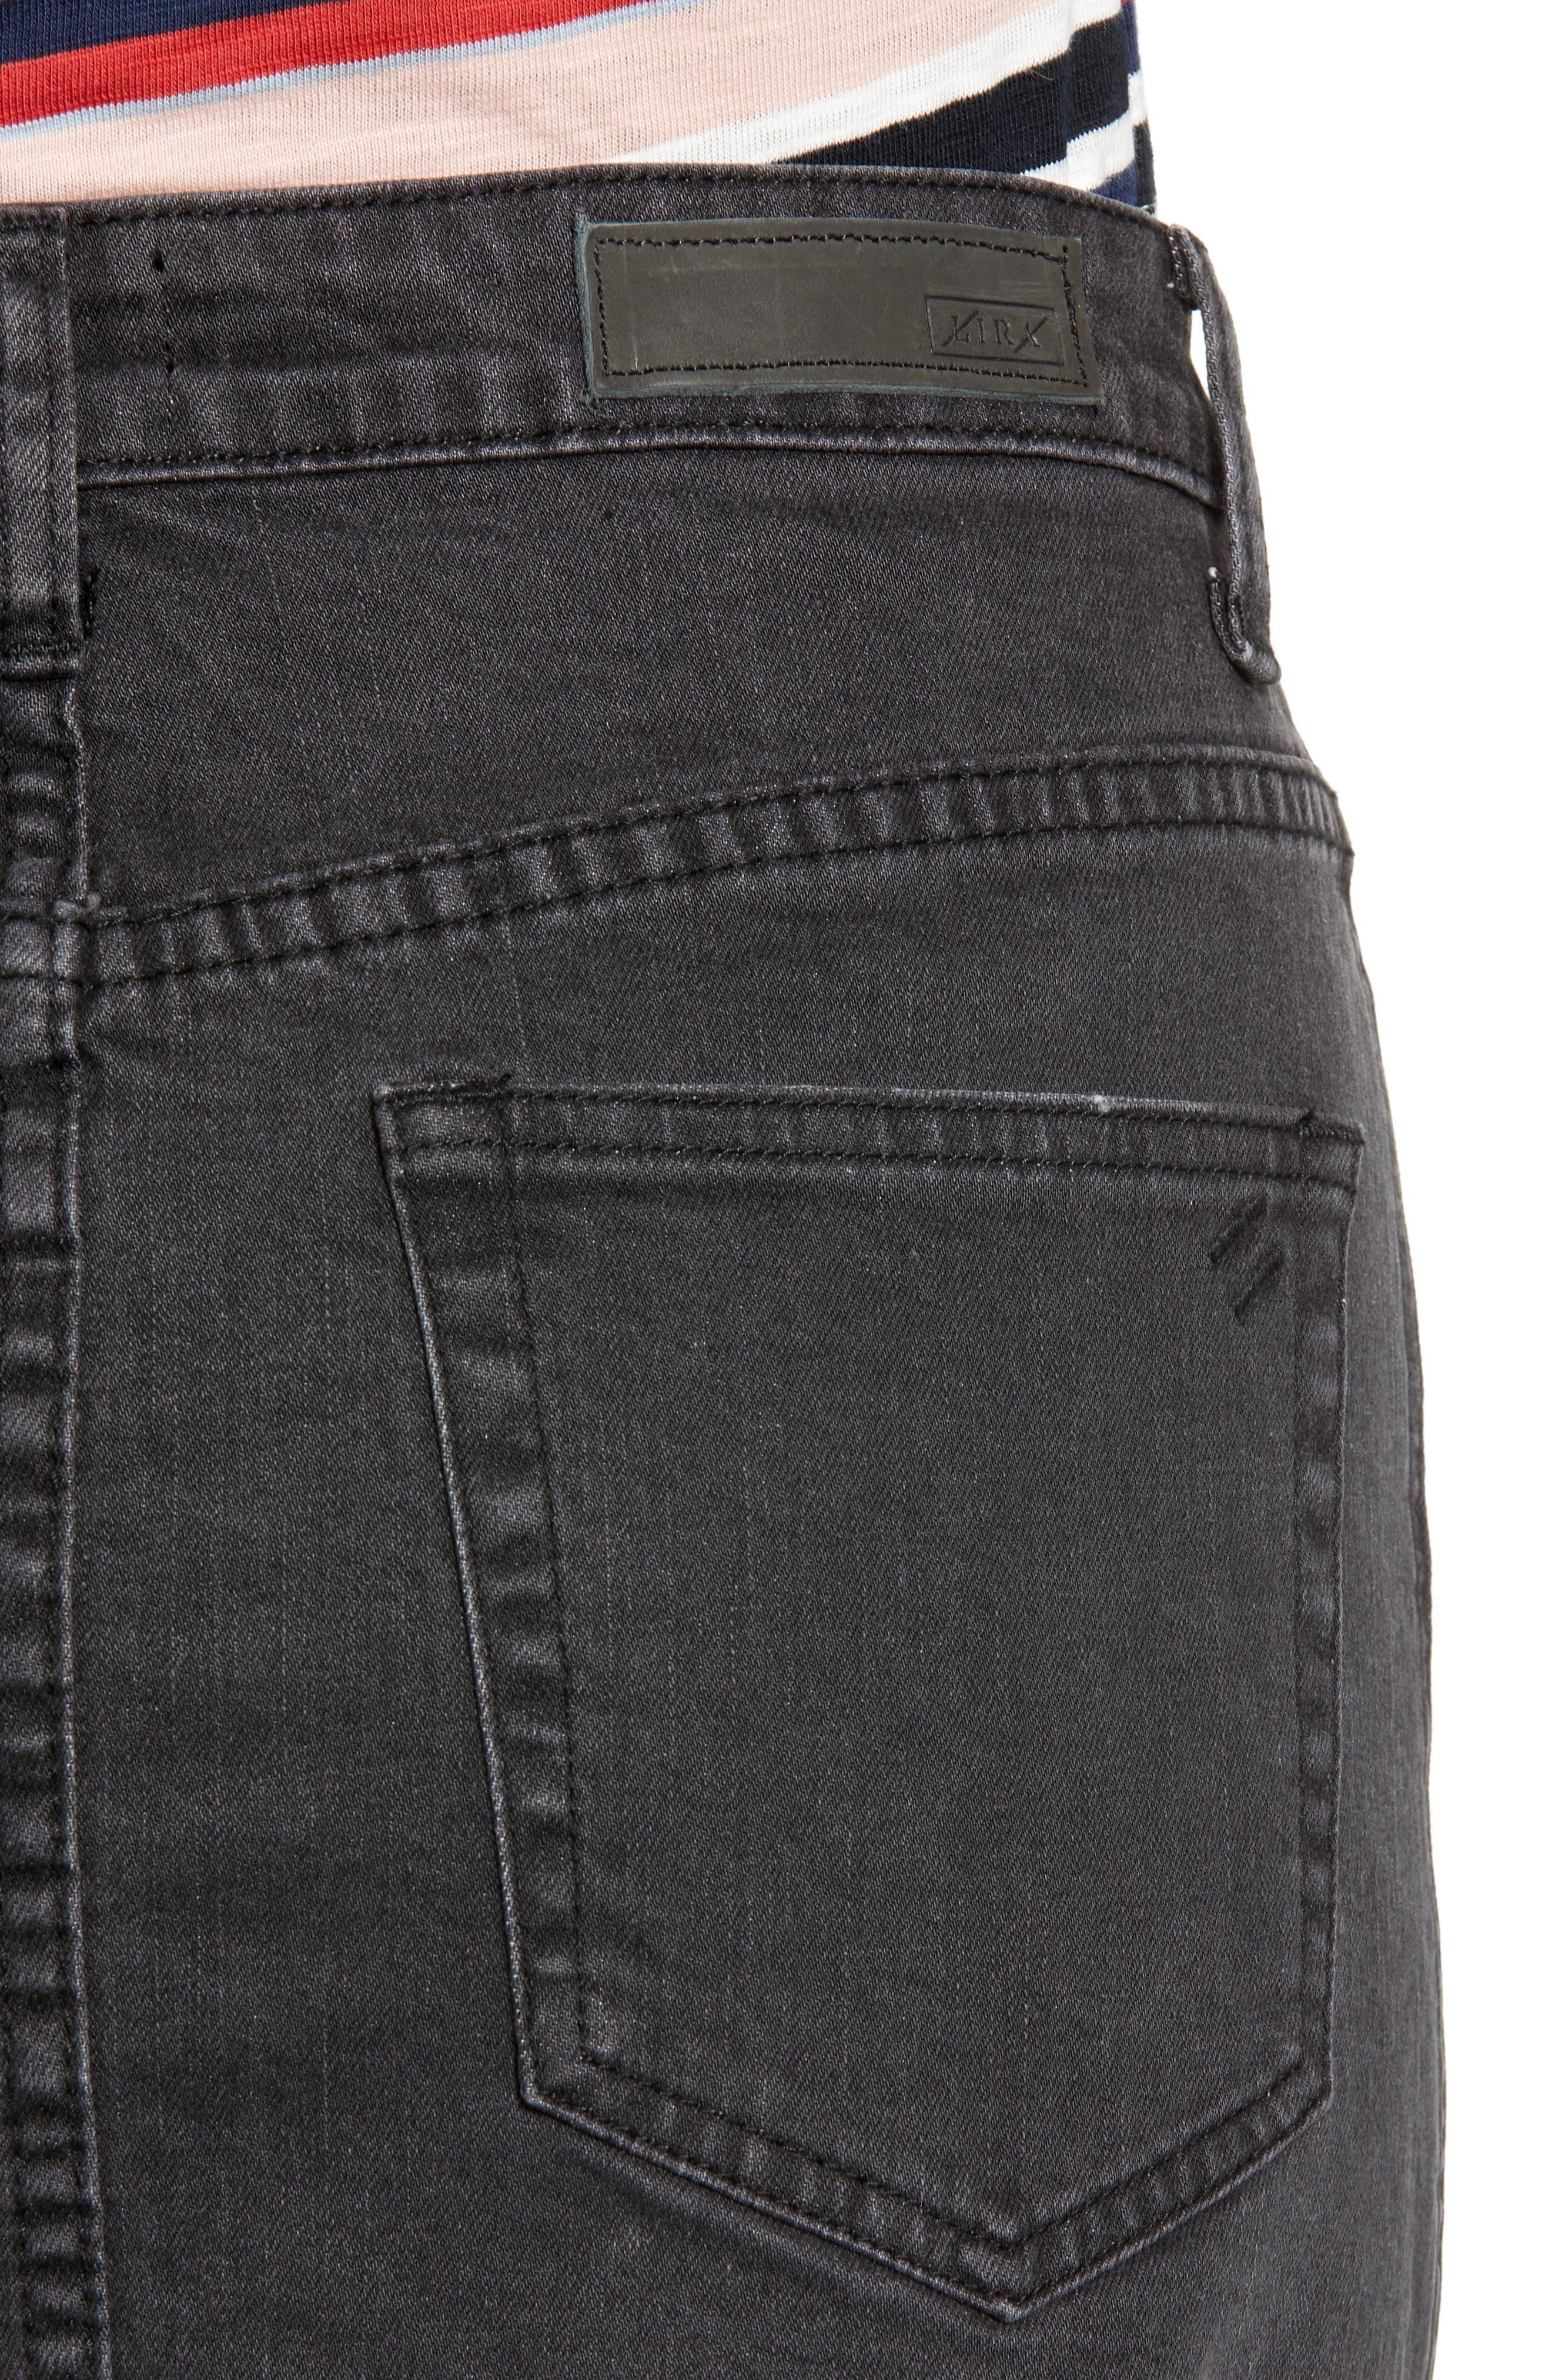 Cobra Ripped Denim Skirt,                             Alternate thumbnail 4, color,                             BLACK